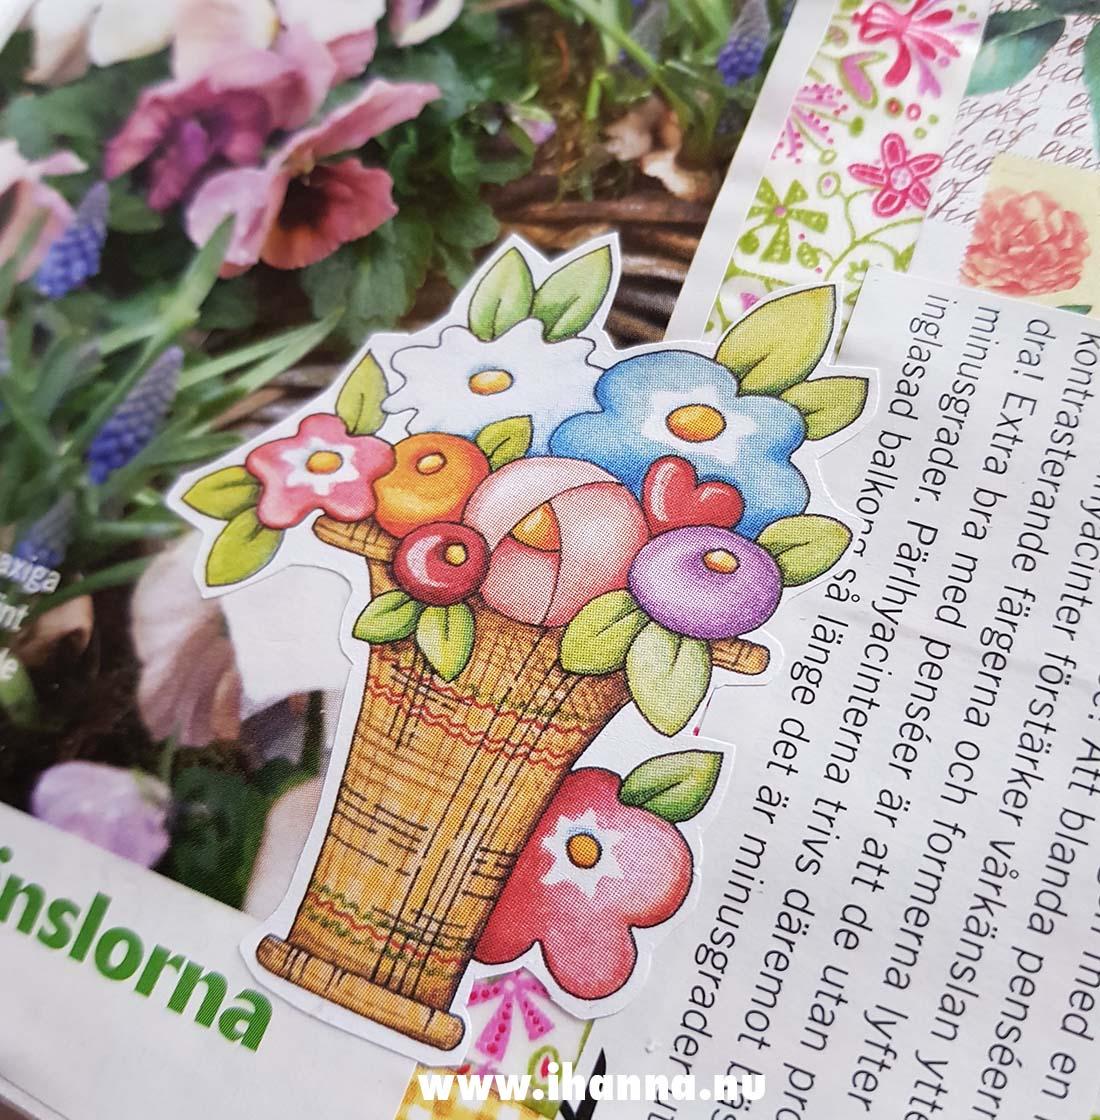 Detail from Summer Junk journal by iHanna